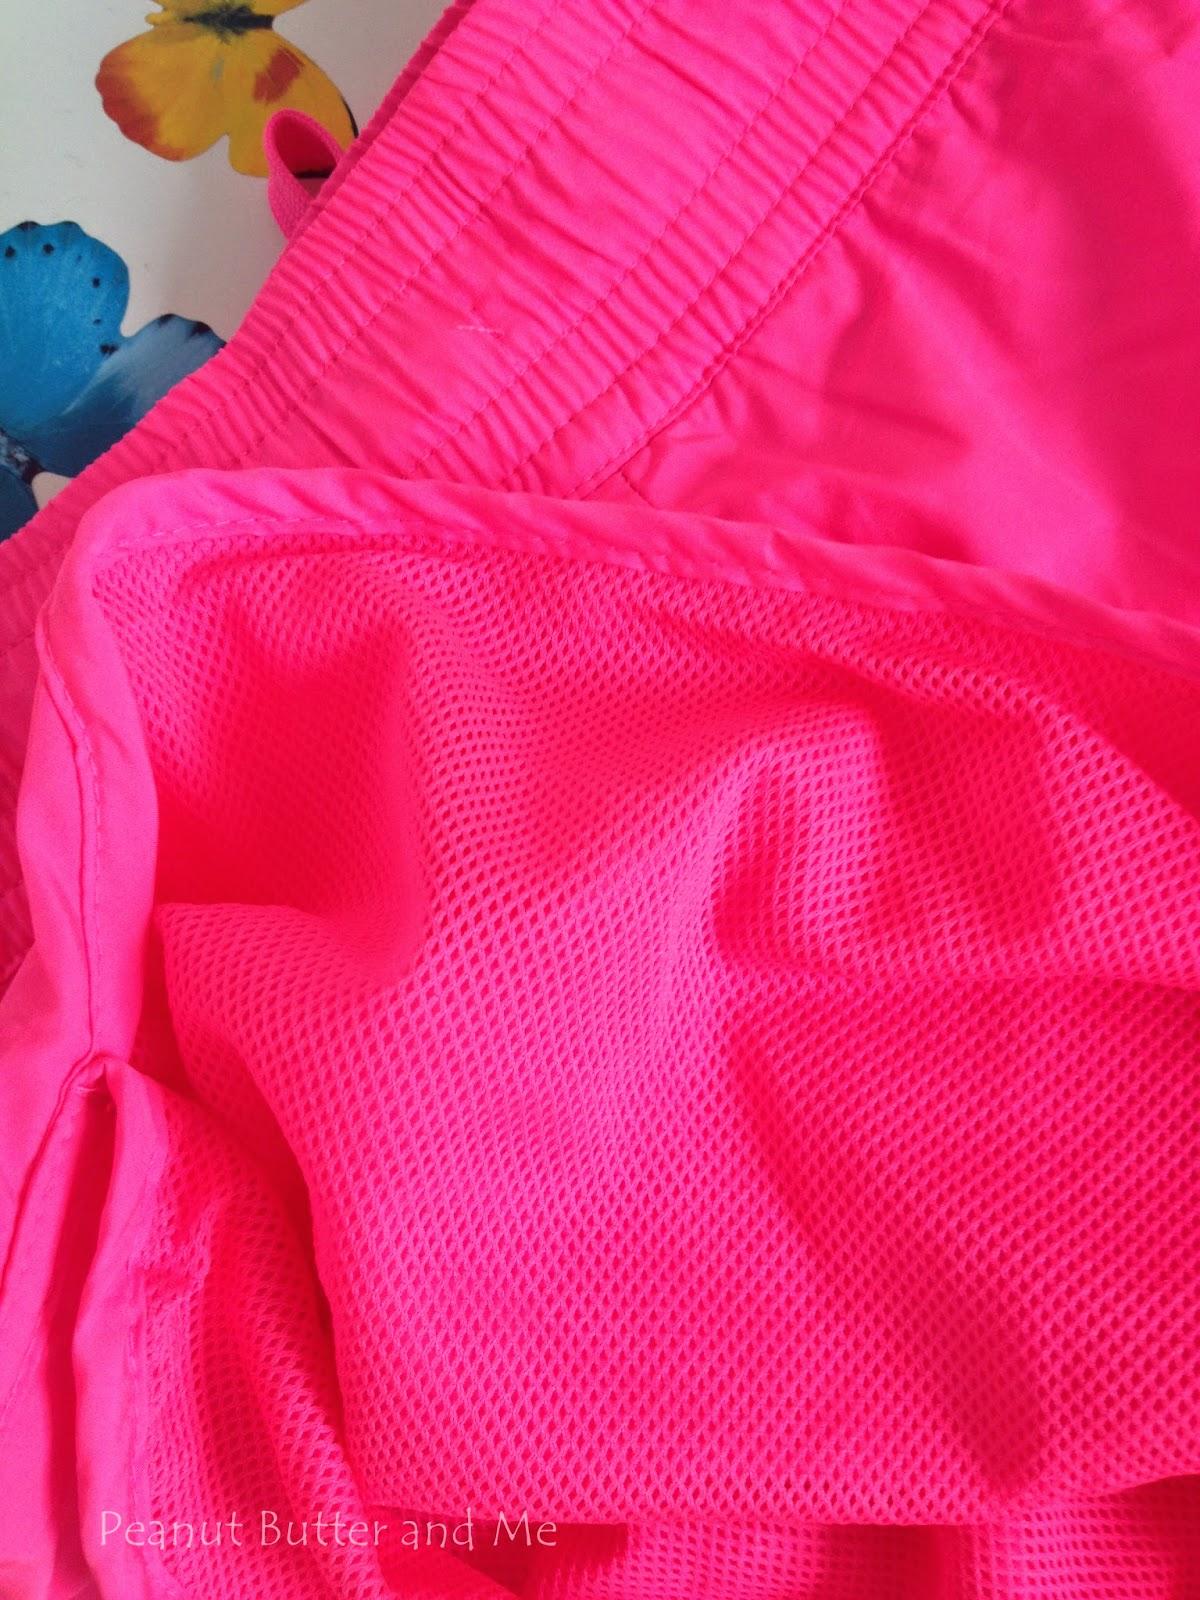 H&M pink różowe shorts spodenki wakacje plaża lato krótkie sport atletic